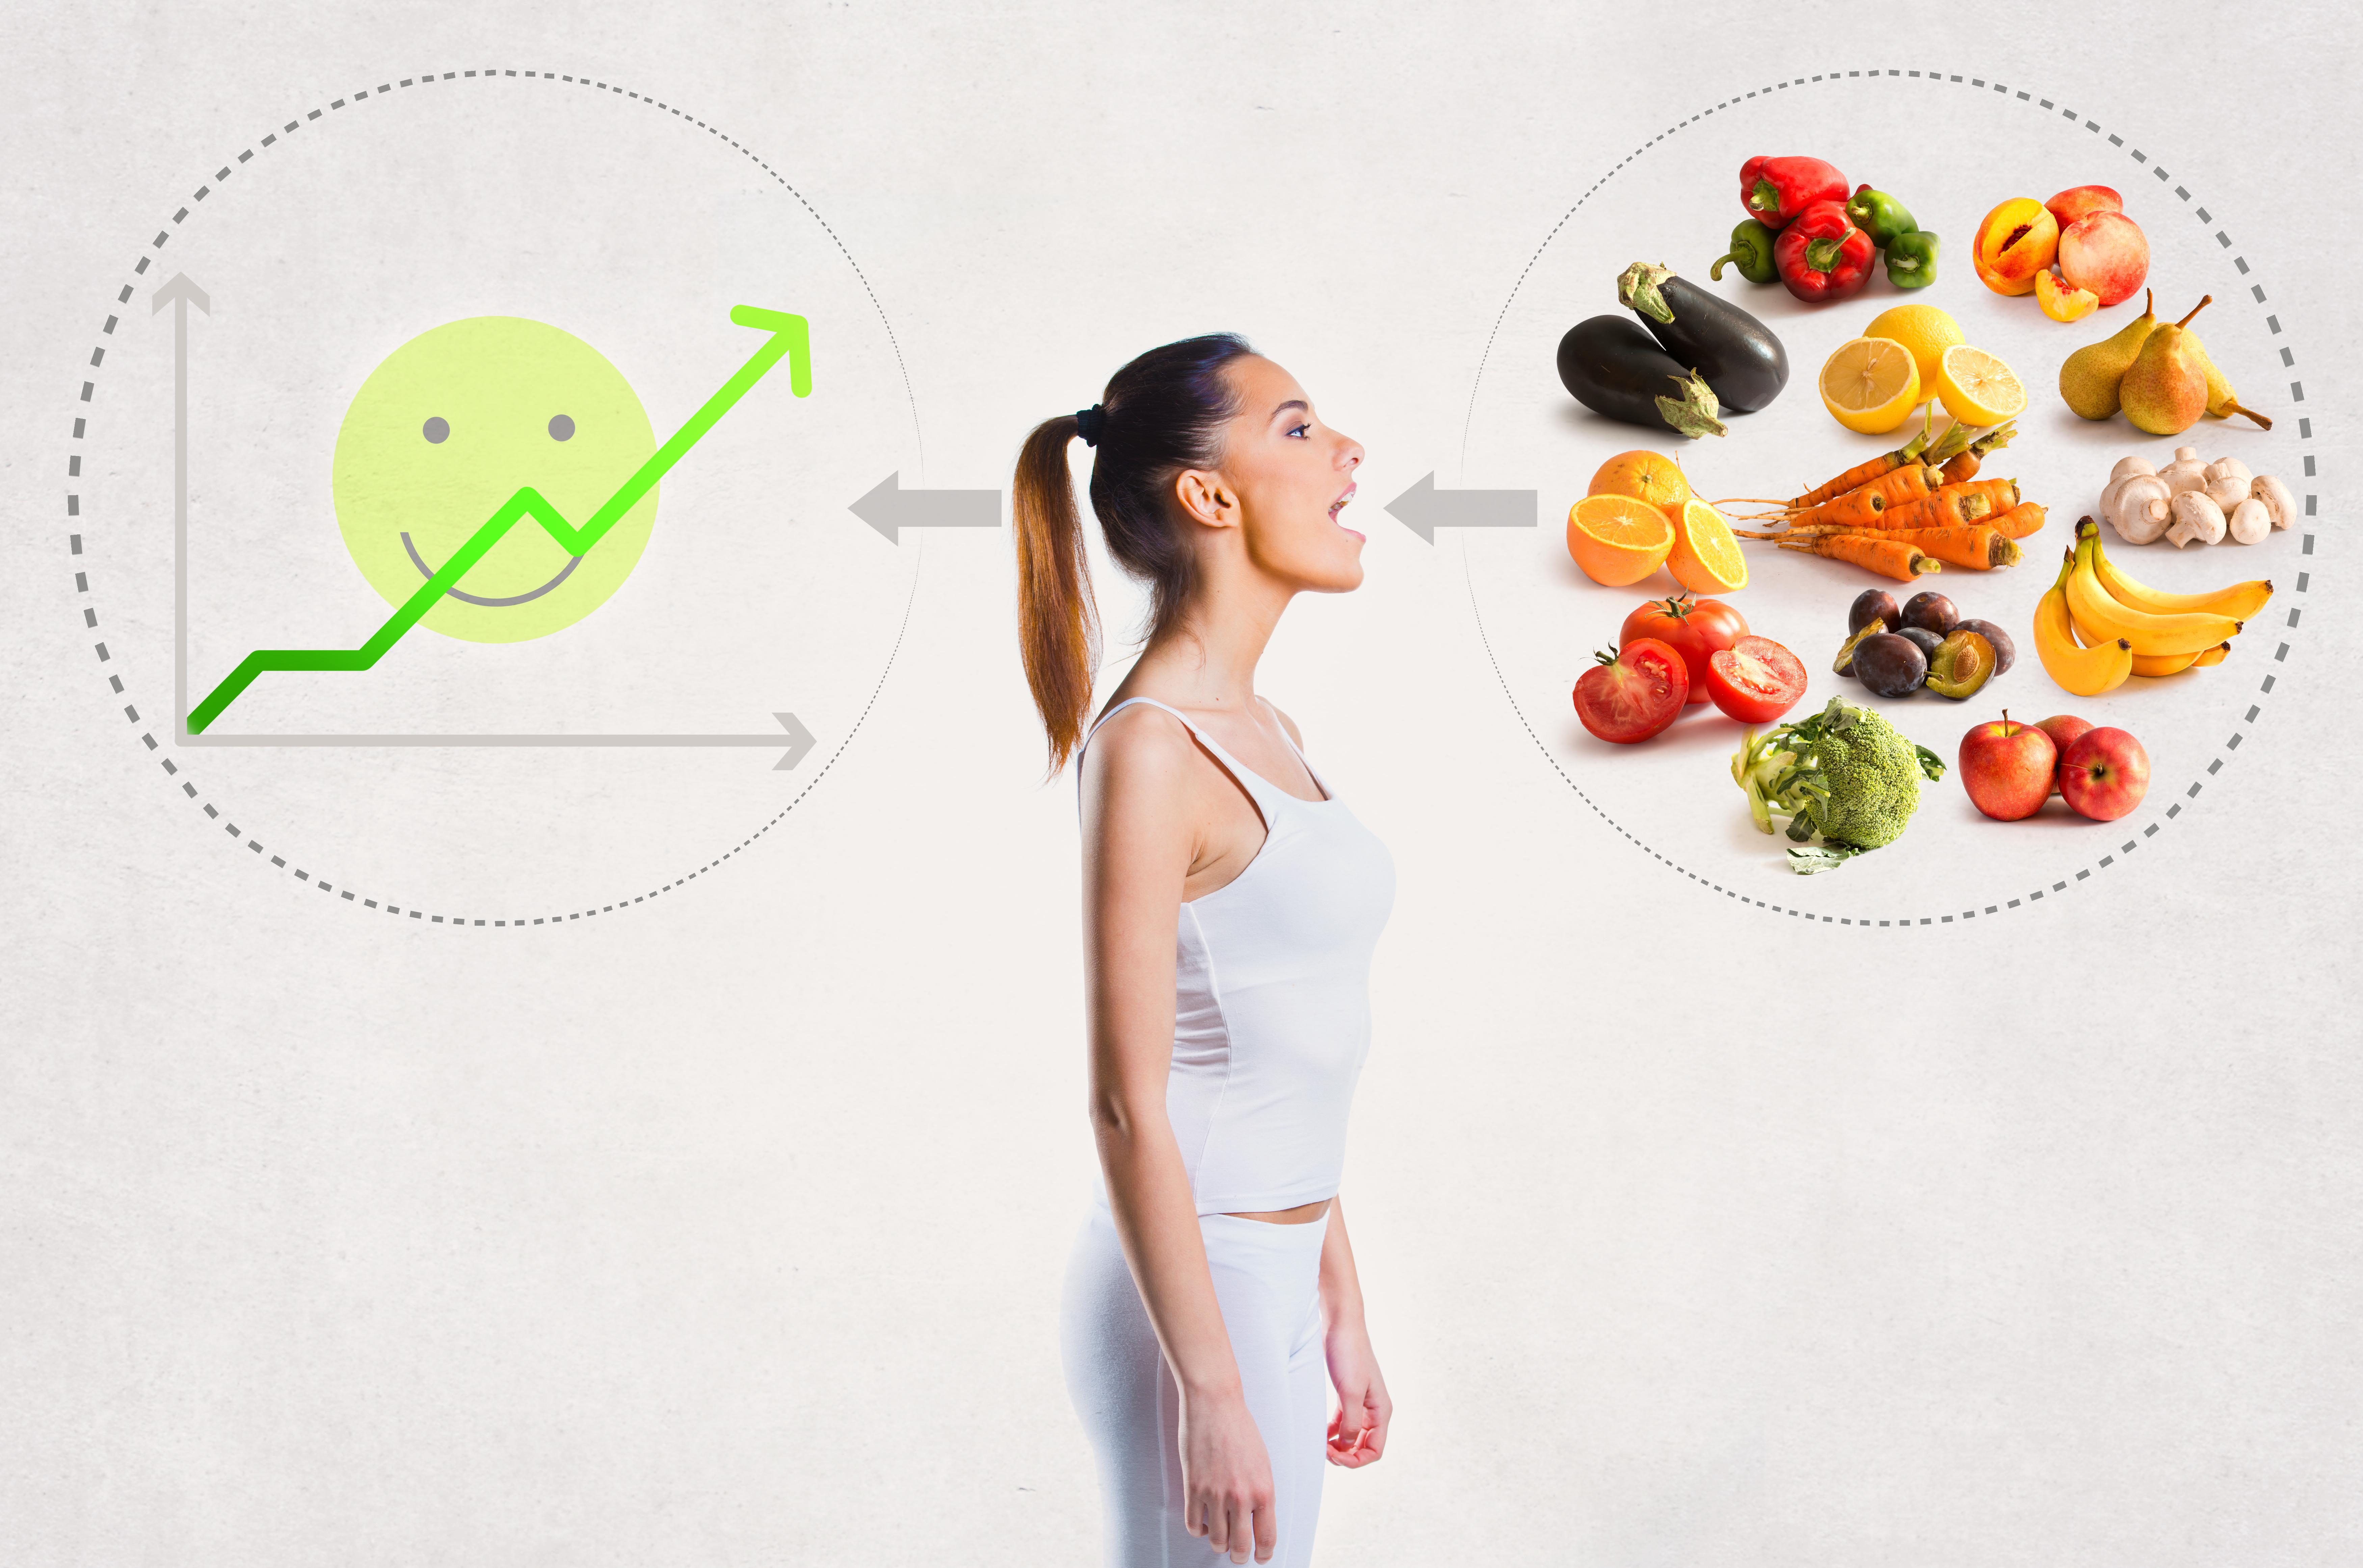 De nombreuses données épidémiologiques mettent en évidence une association entre la nutrition et la santé mentale, cependant la relation de cause à effet reste encore mal comprise